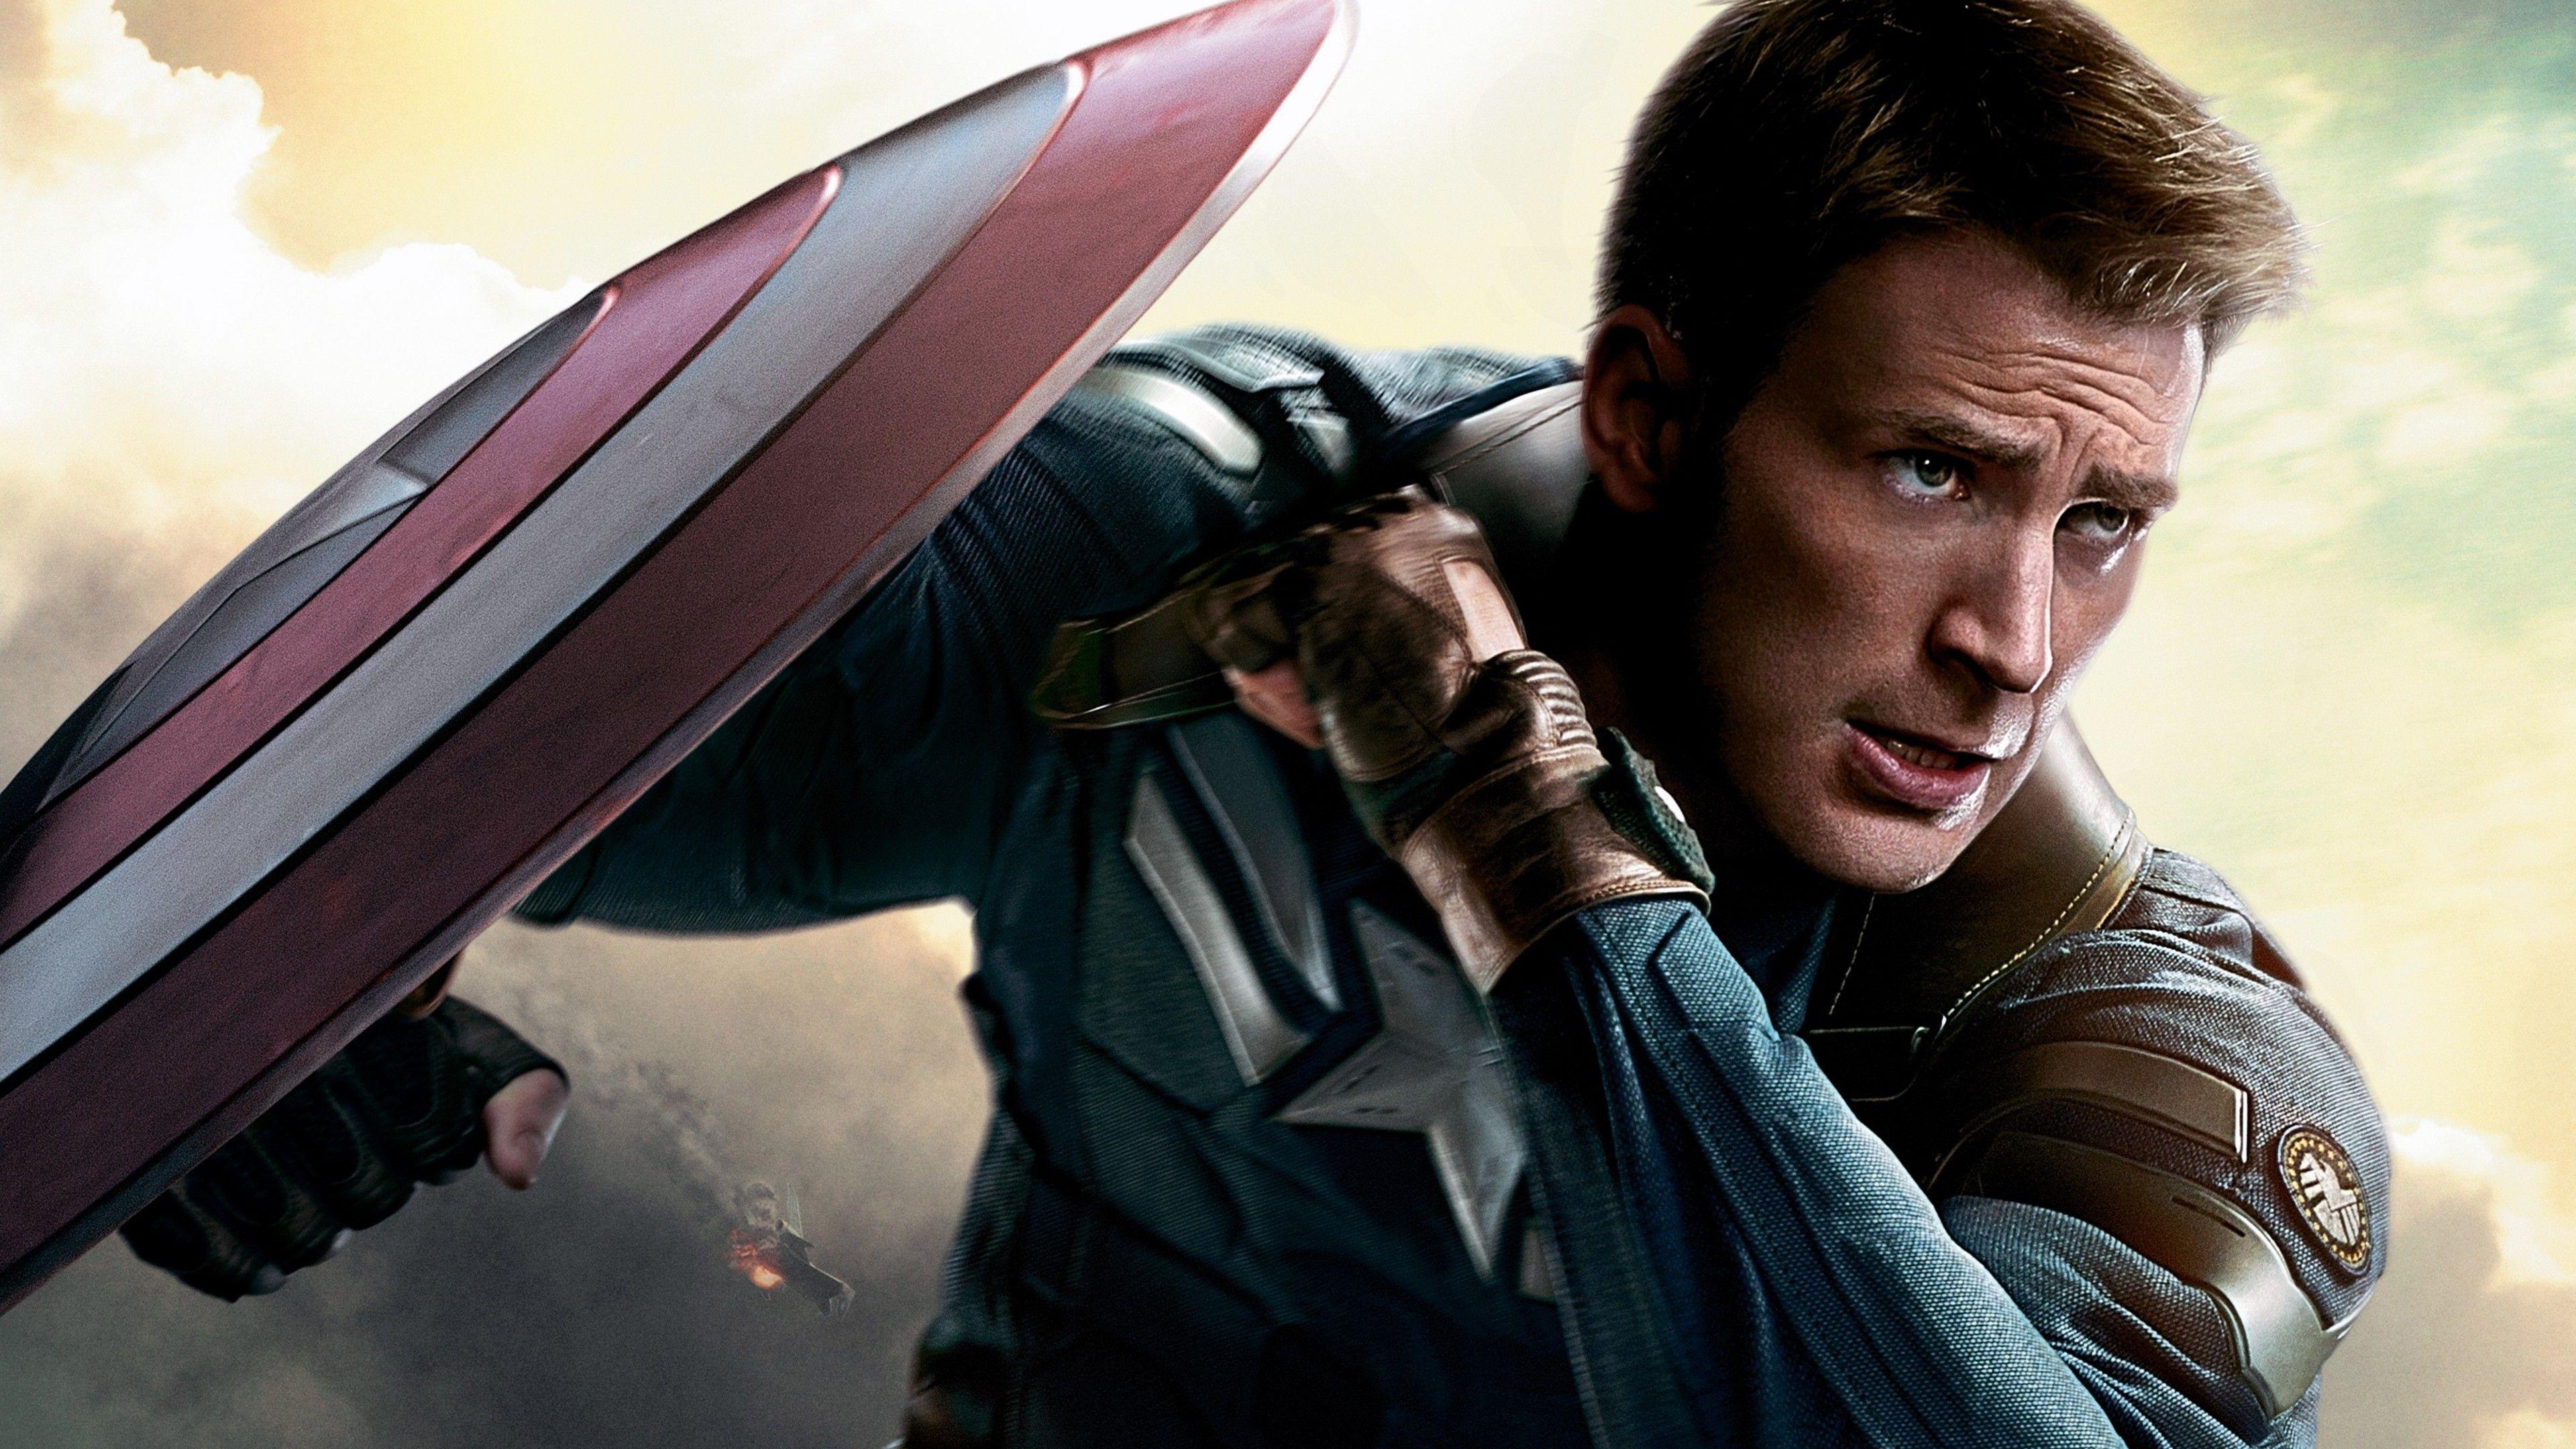 Captain America 4K Wallpapers - Wallpaper Cave